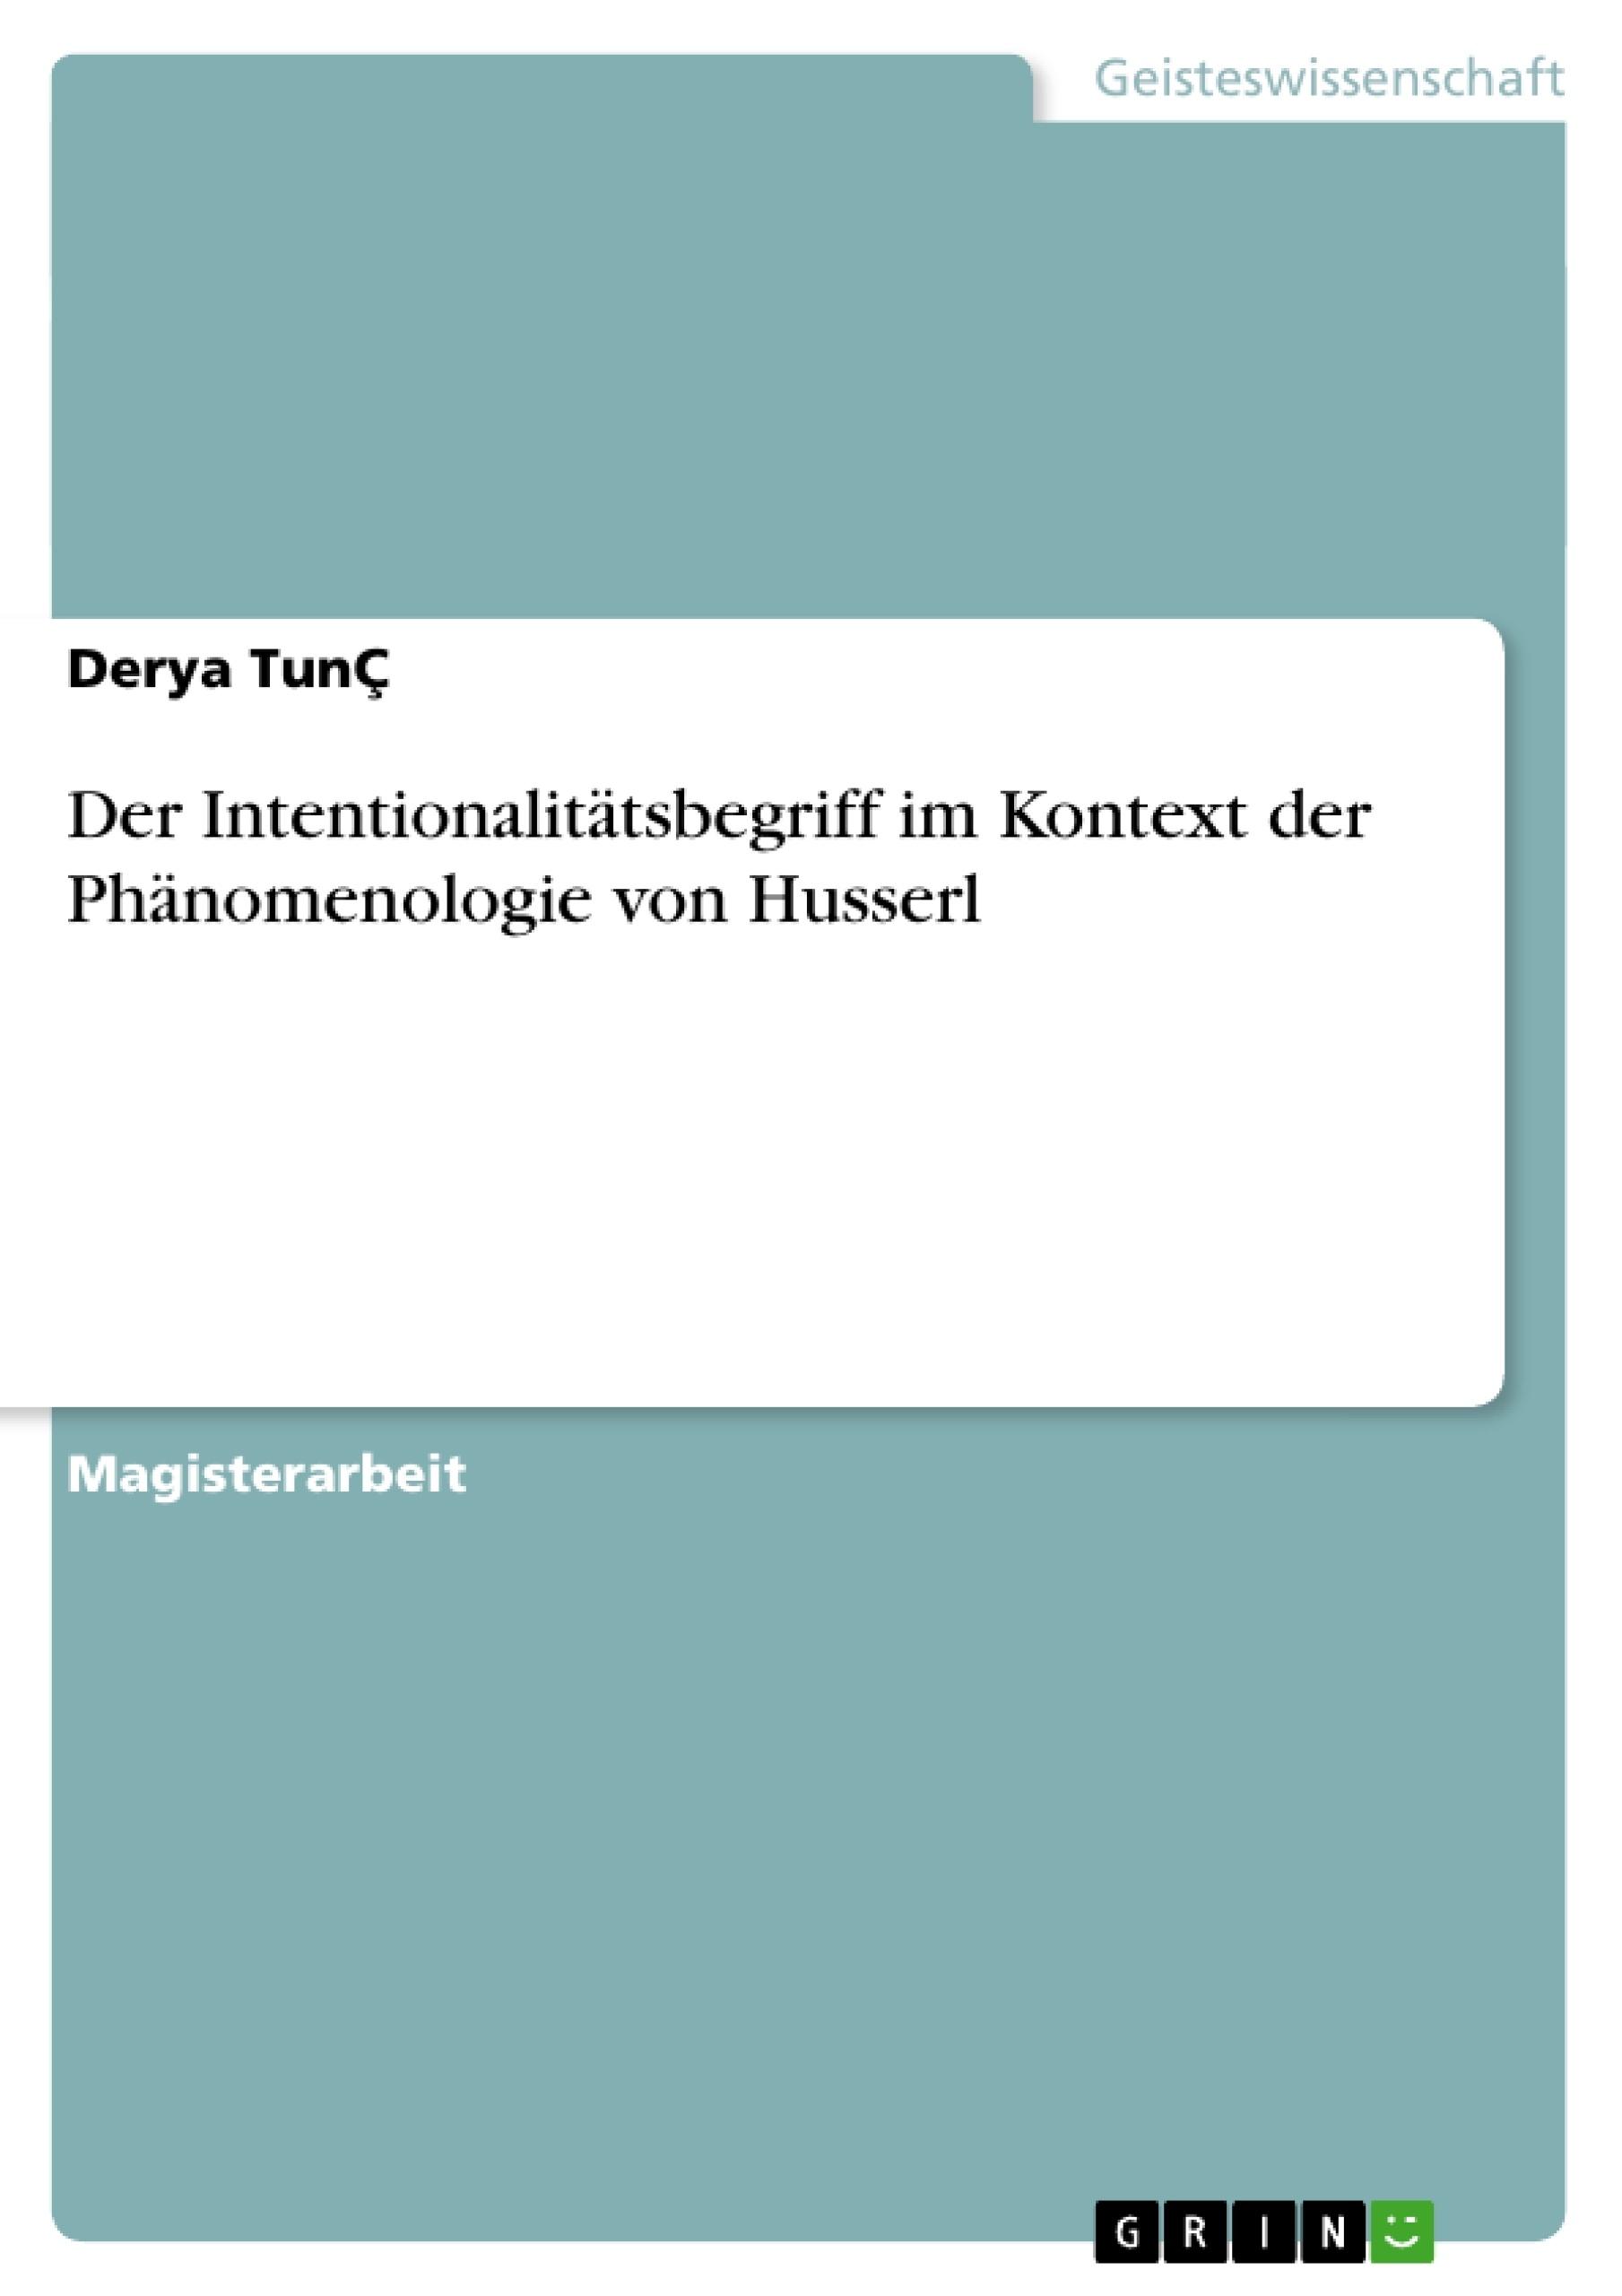 Titel: Der Intentionalitätsbegriff im Kontext der Phänomenologie von Husserl